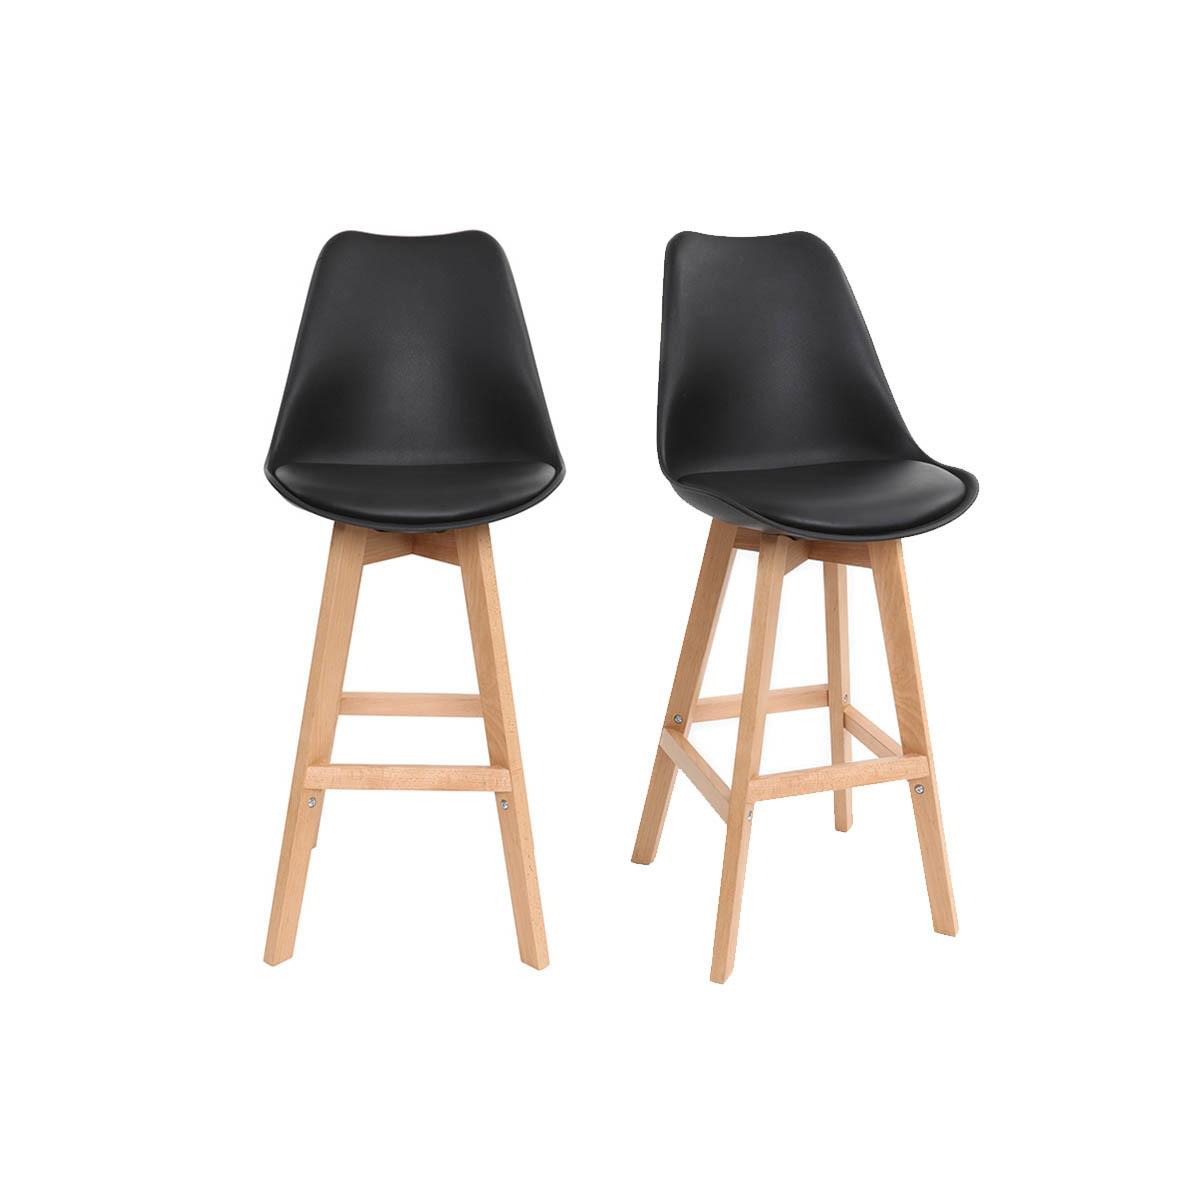 Lote de dos taburetes de bar diseño negro y madera PAULINE